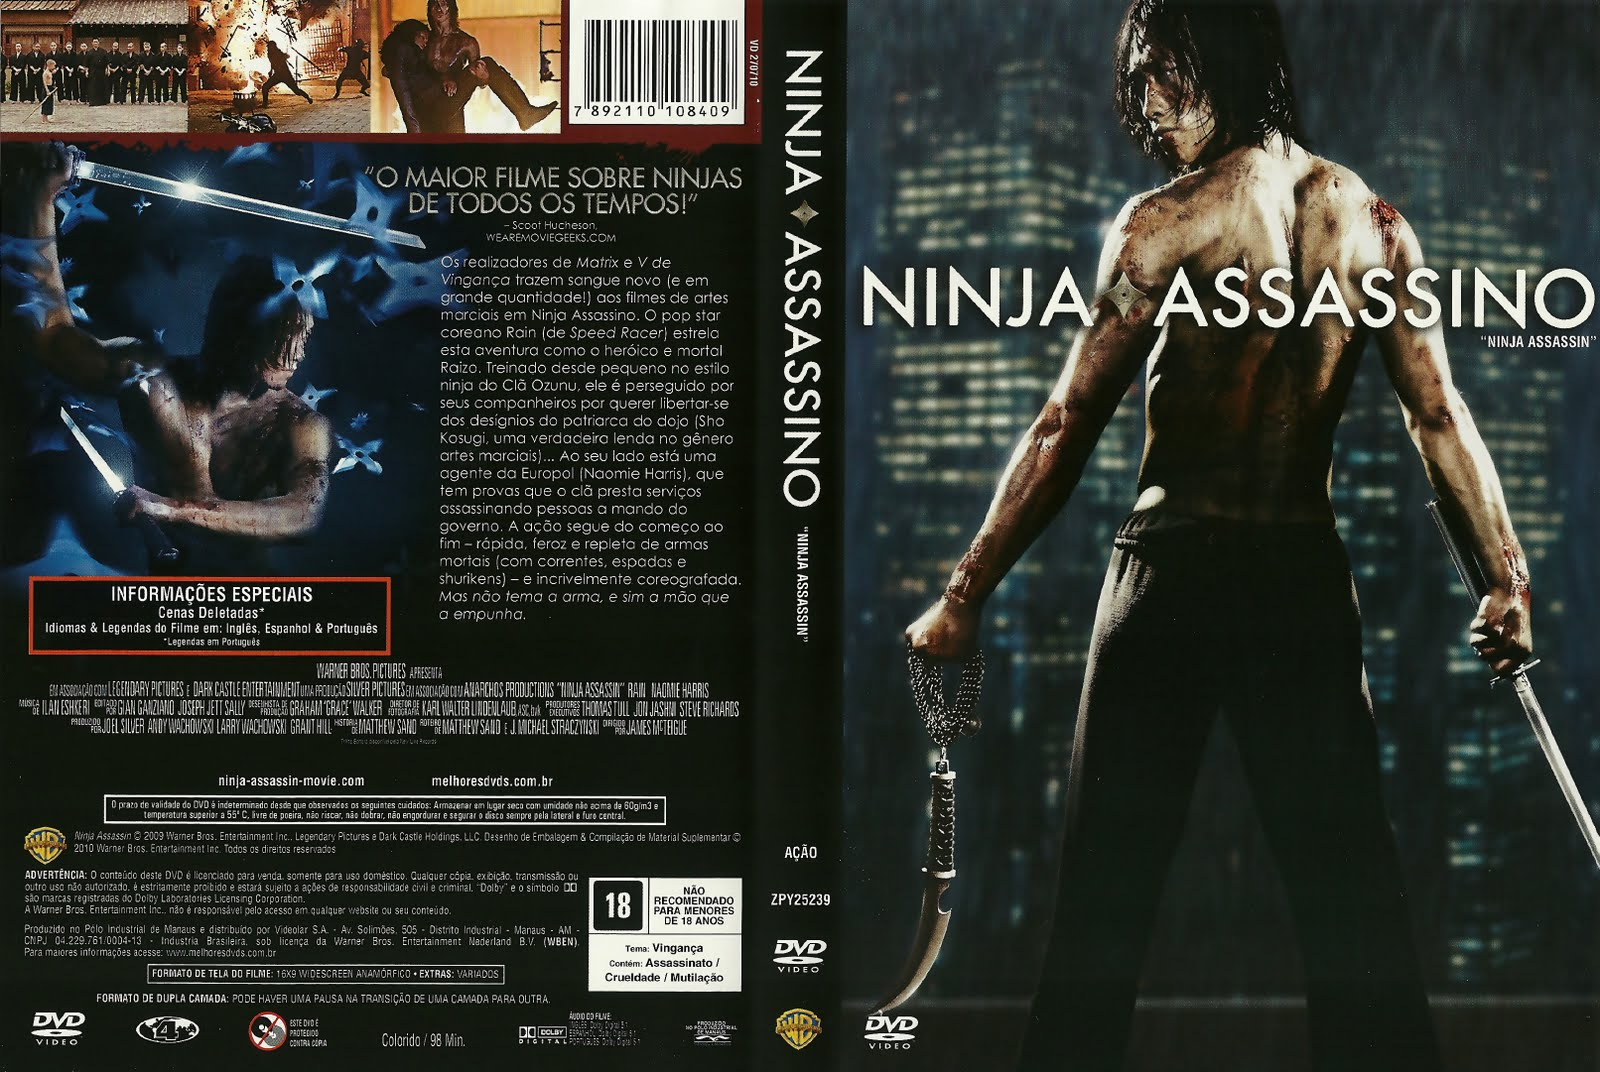 http://1.bp.blogspot.com/_Tgeb_LTYc0o/TH0HQ1oWxbI/AAAAAAAAAxI/cGIQHJDsaA4/s1600/Ninja+Assassino.jpg